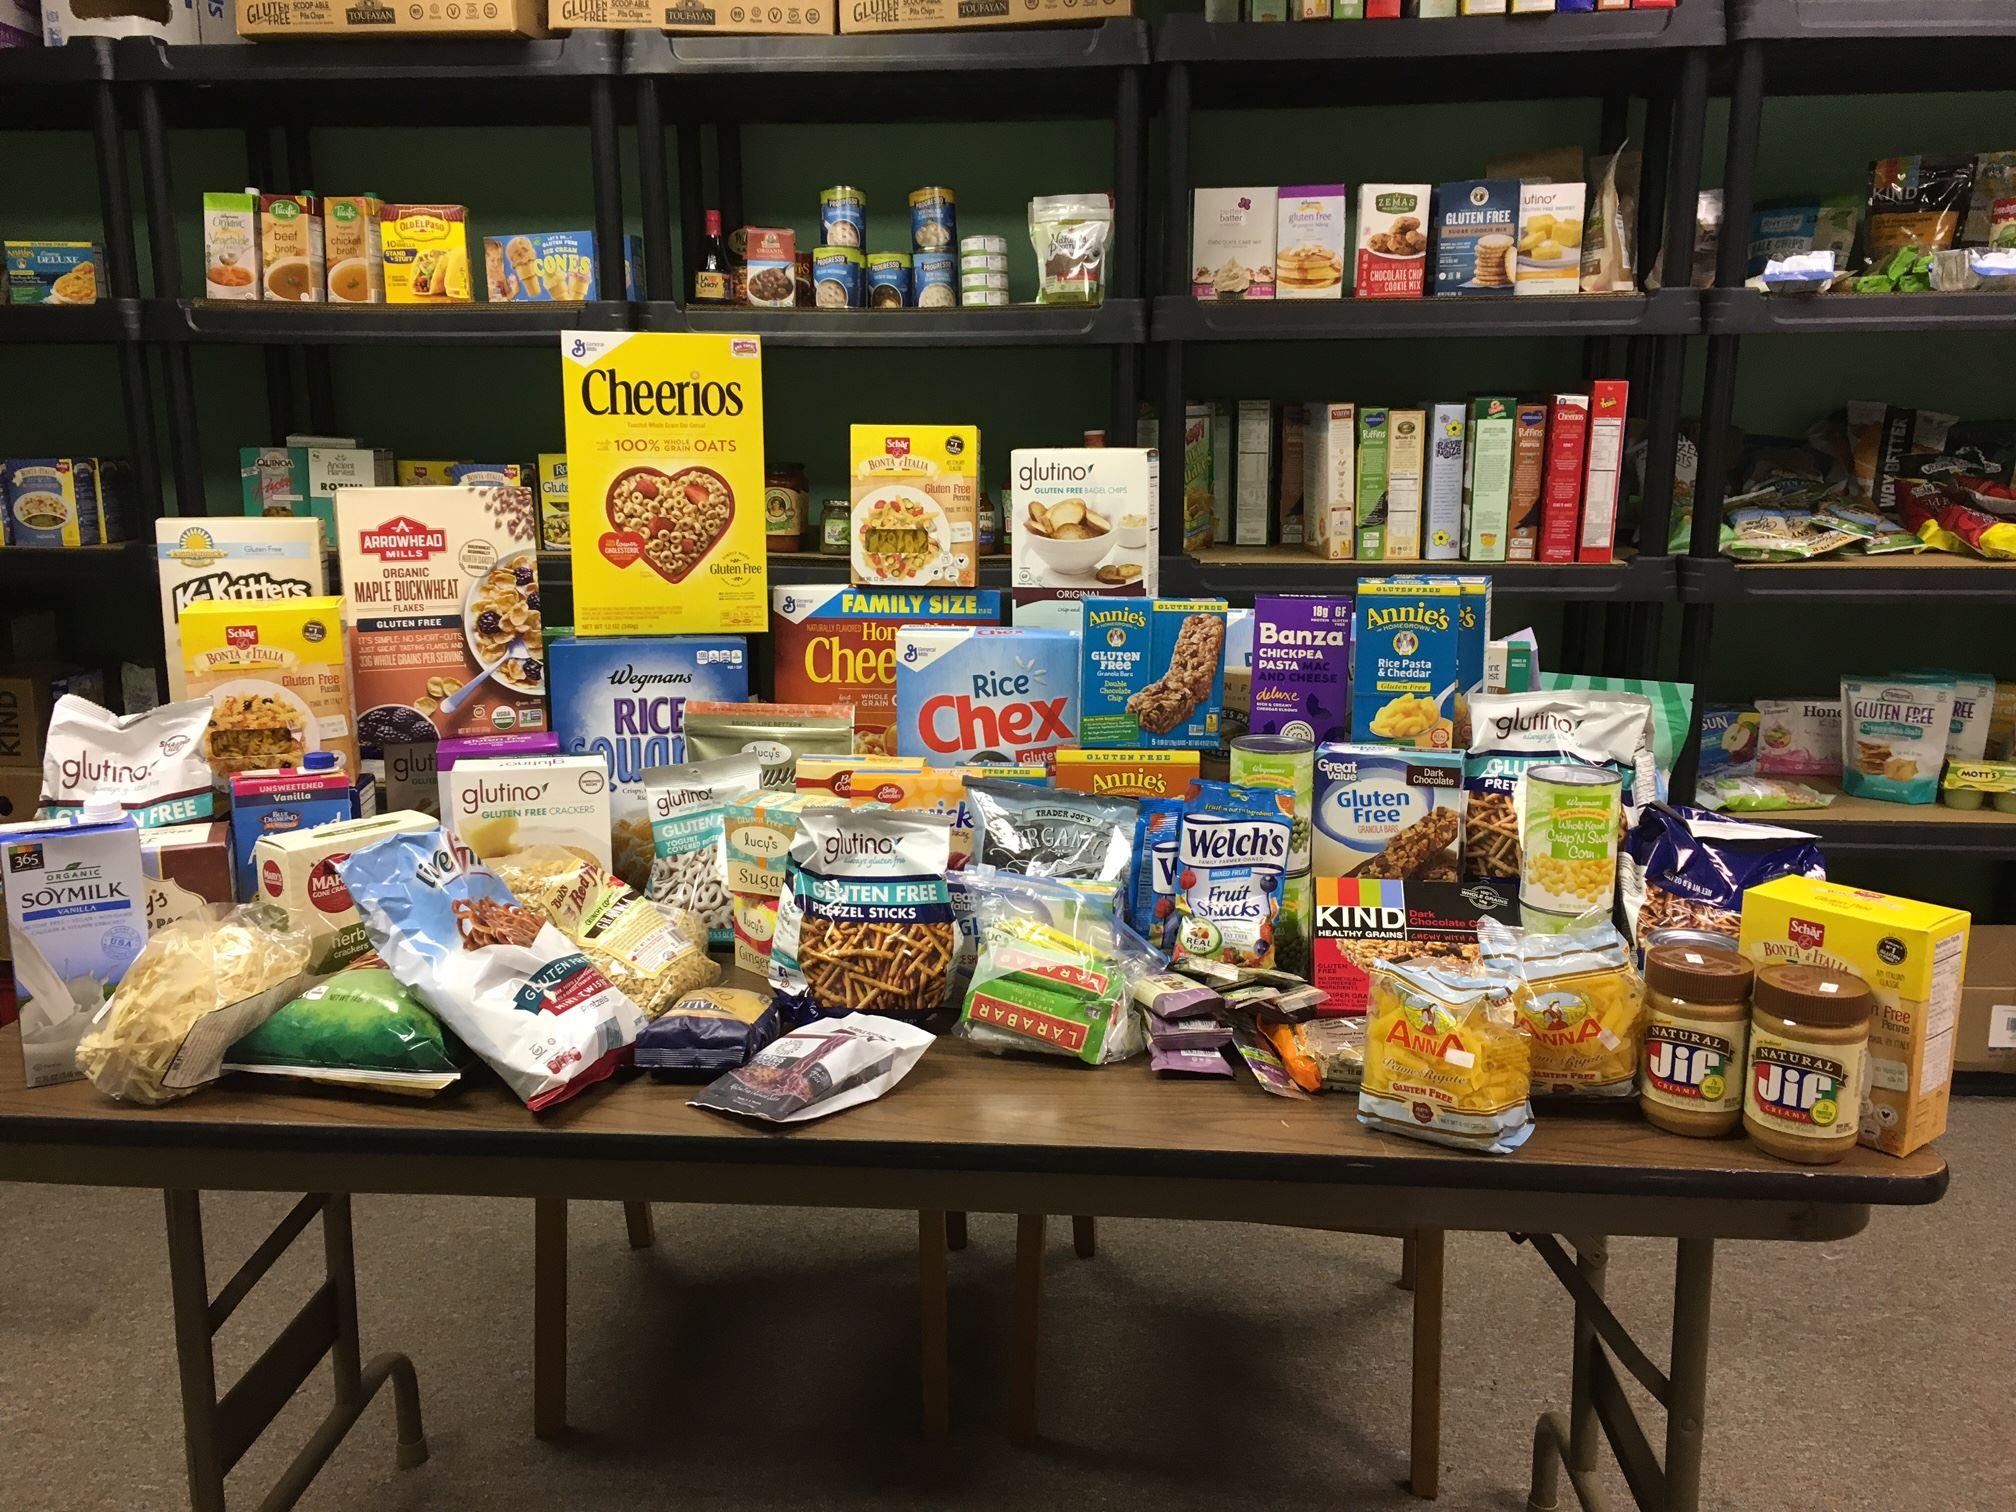 Southeast Texas Food Bank Receives Over $2M Through JJ Watt